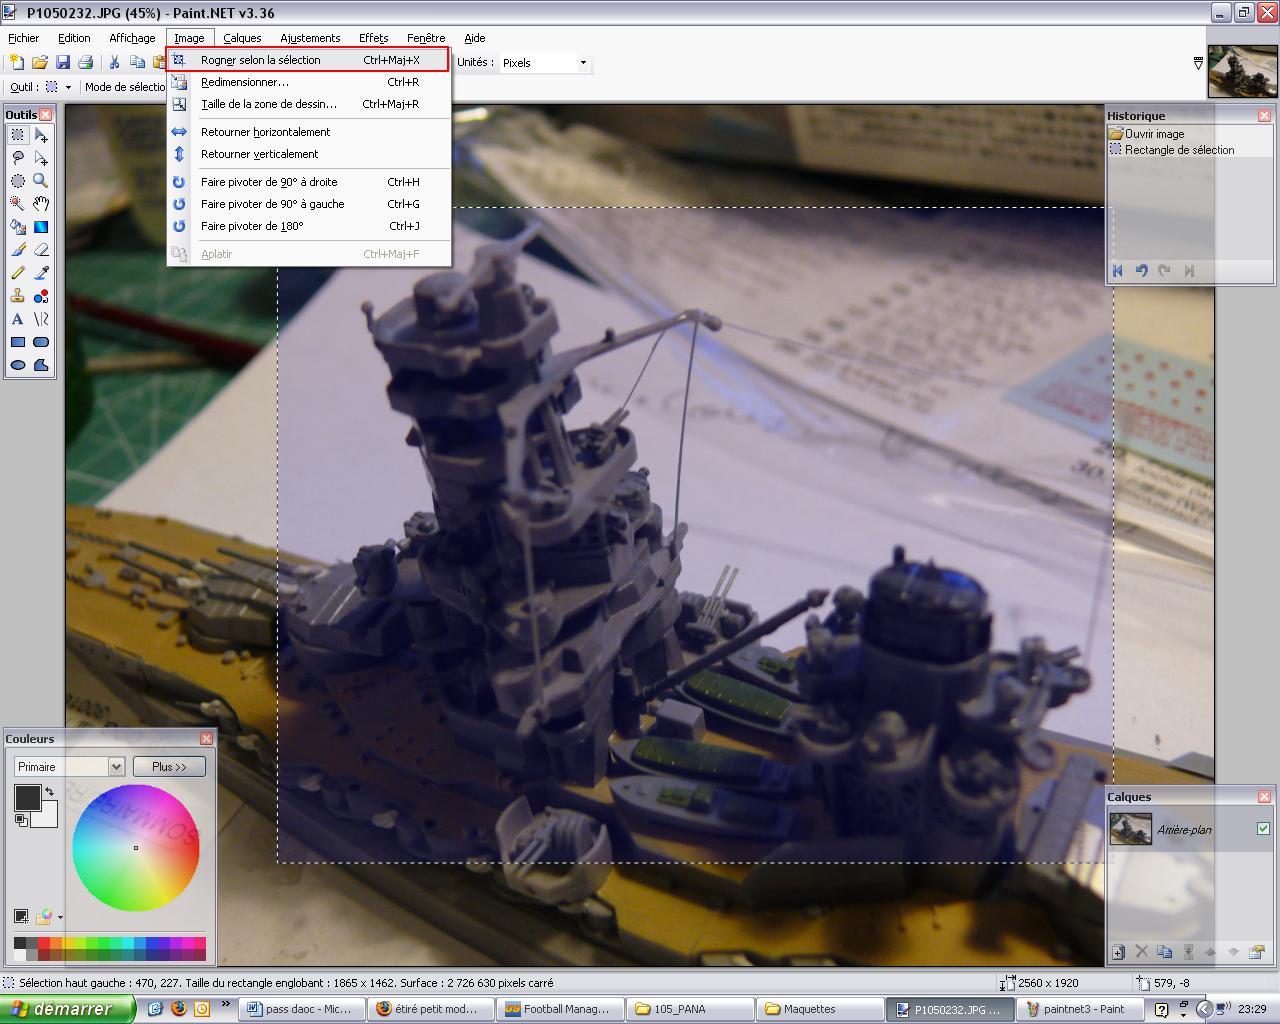 paint*?tid=8cb3c32870e2ab7a183987e9a65f6e34 - TUTO : Comment réduire une photo pour le forum avec paint.net Paintn13